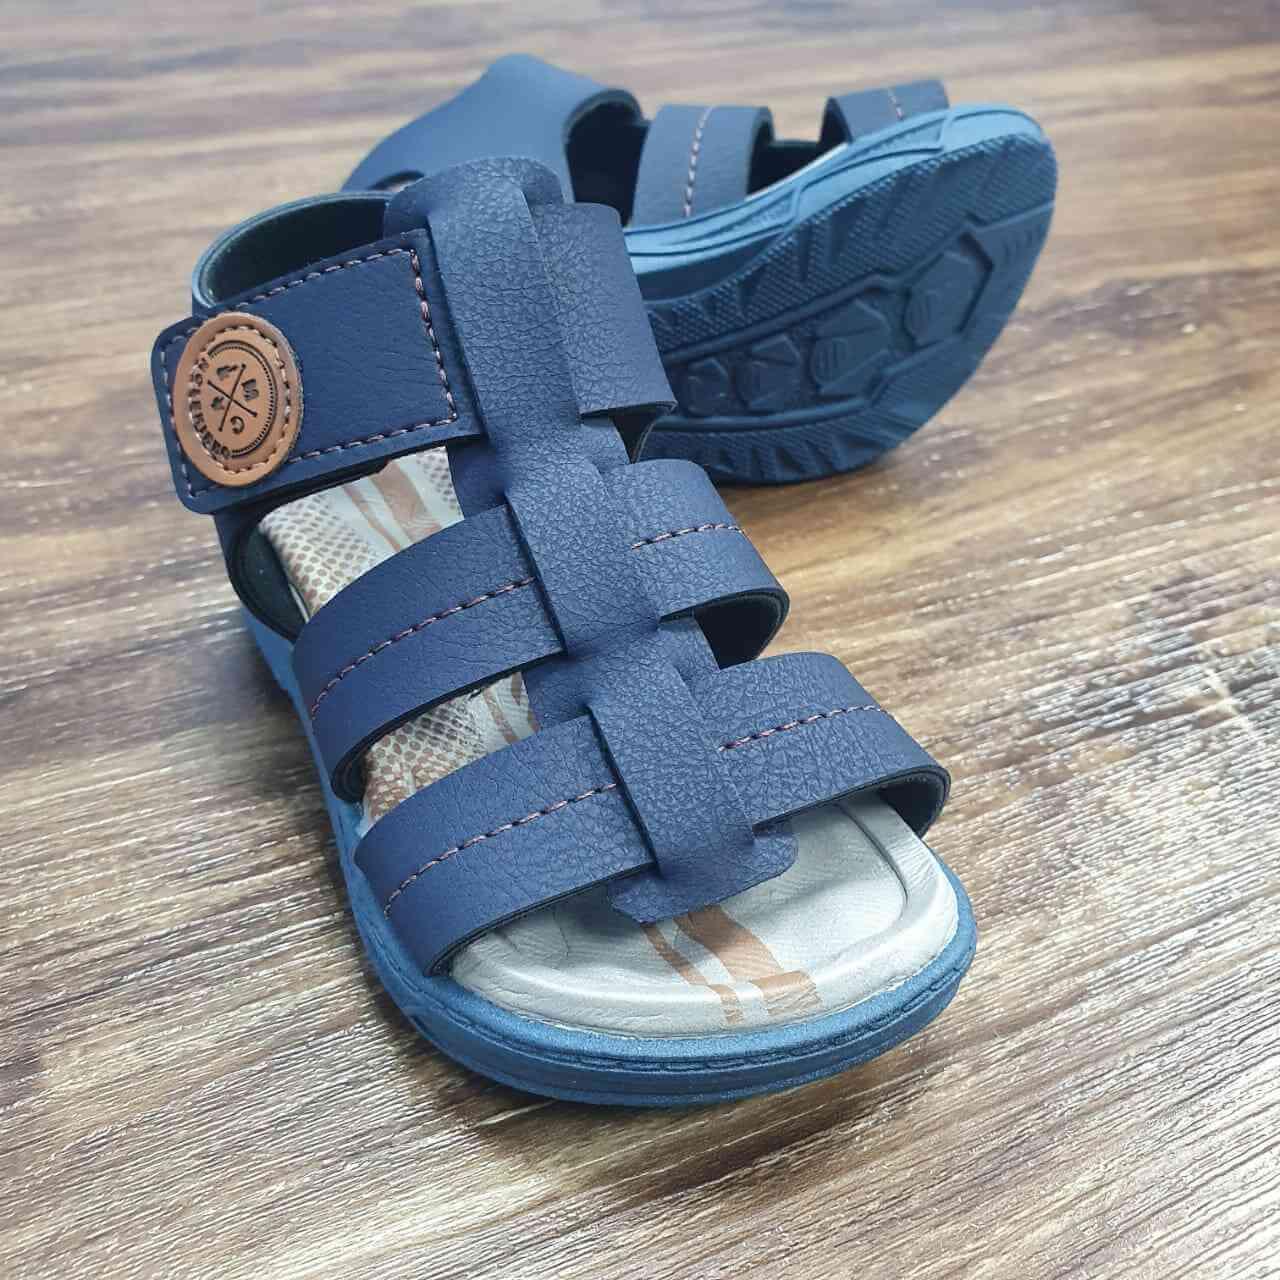 Sandalia Azul Marinha Infantil